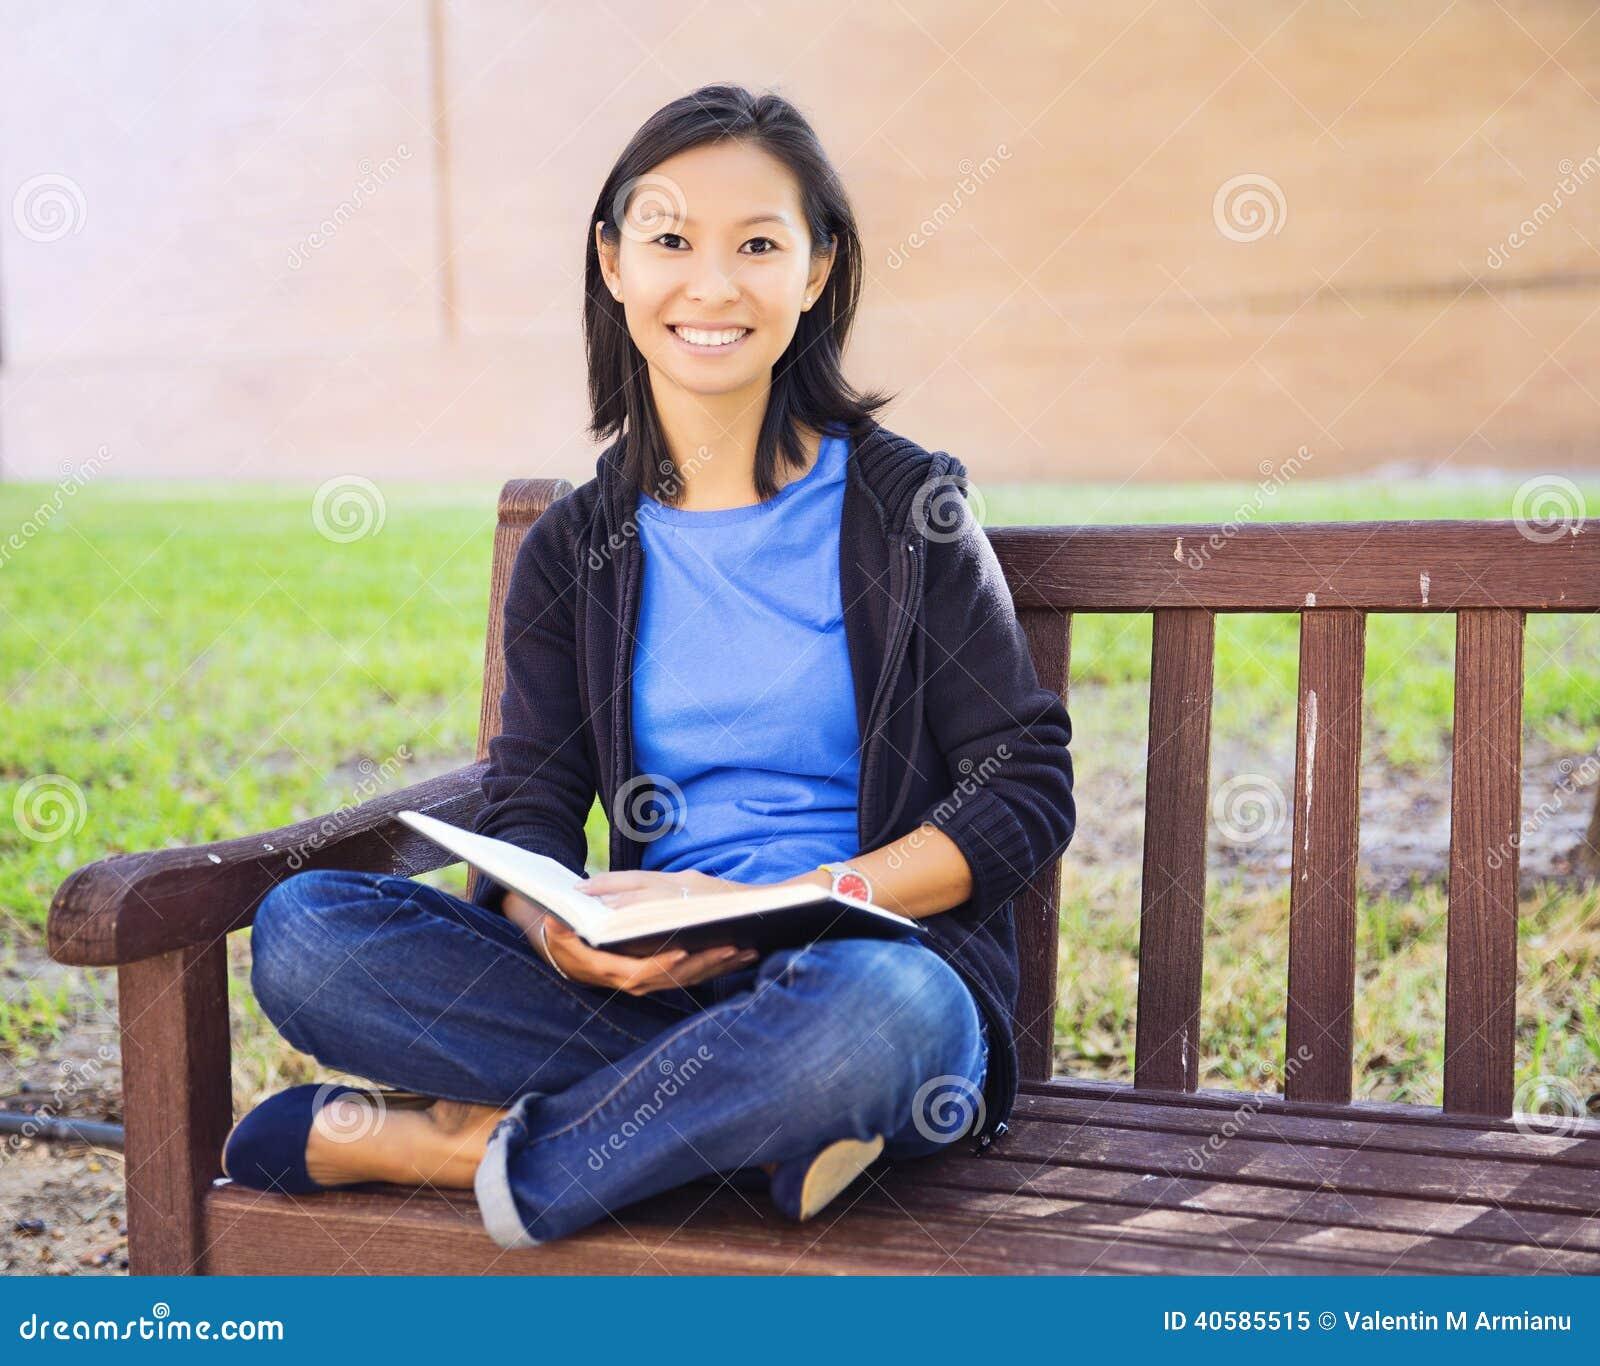 Молодая женщина при длинние волосы сидя в чтении сиденья у окна